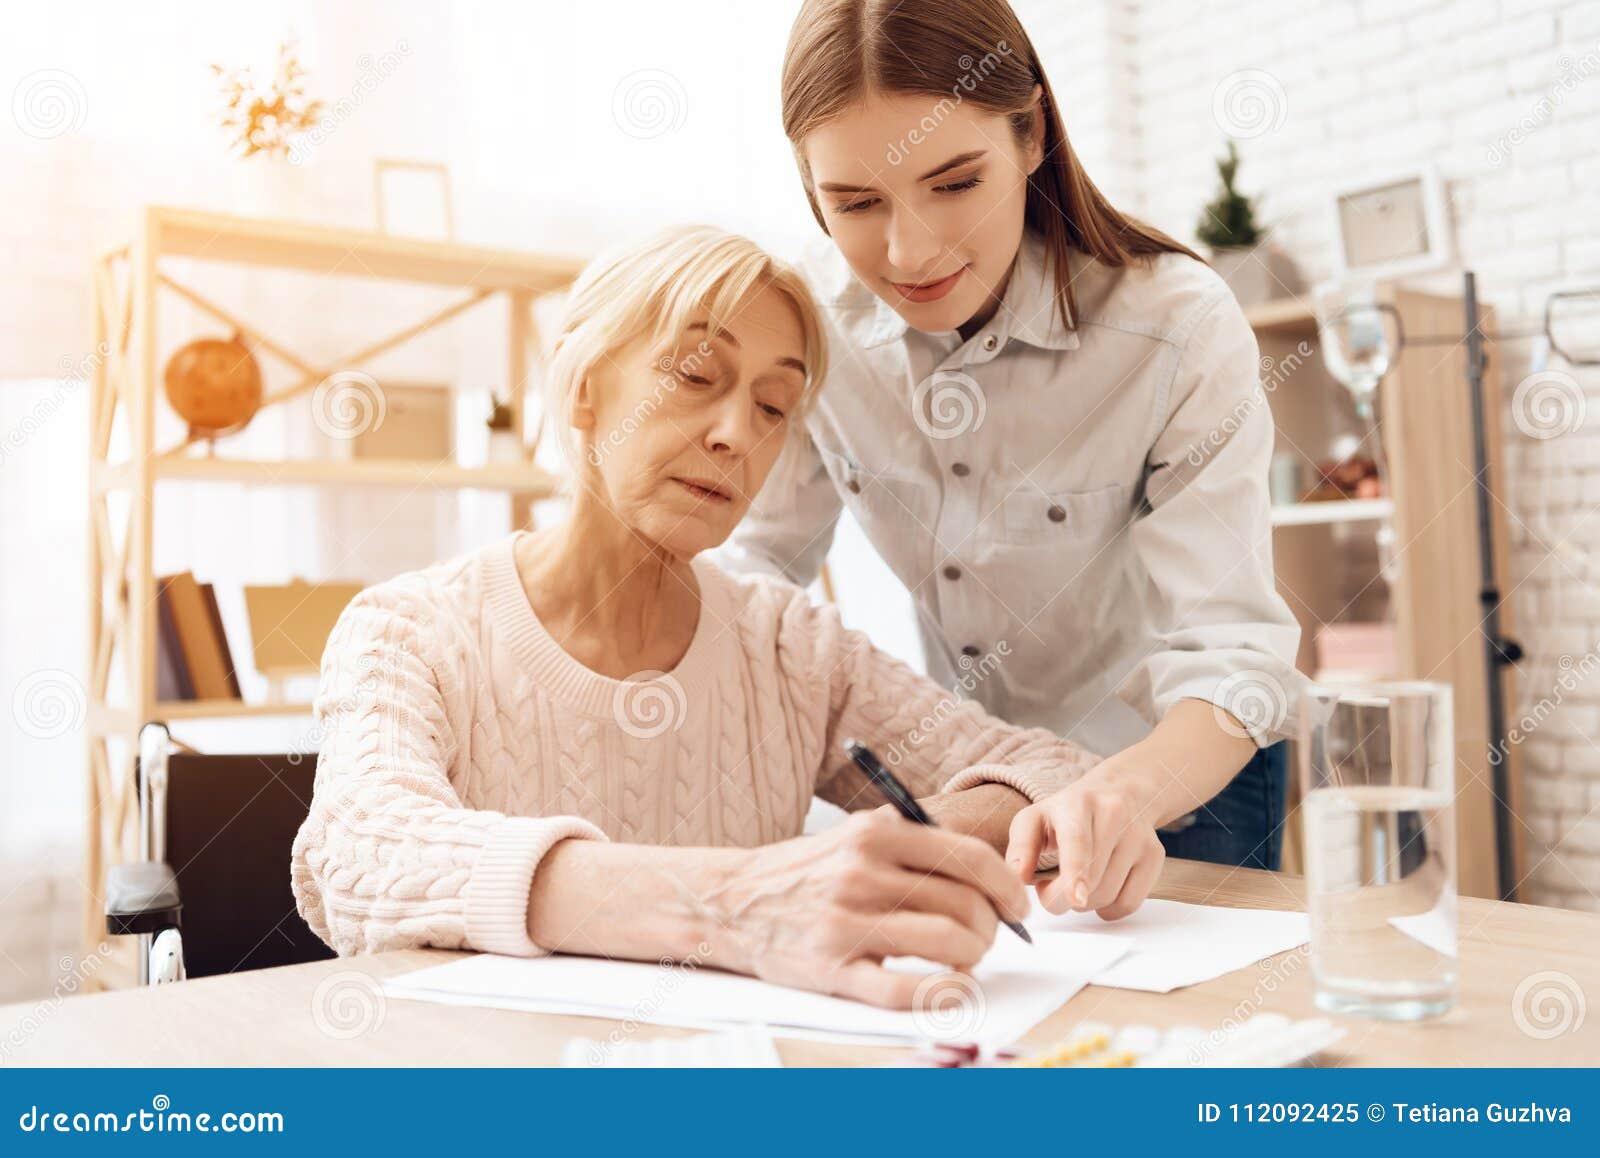 La fille soigne la femme agée à la maison La fille aide la femme écrivent